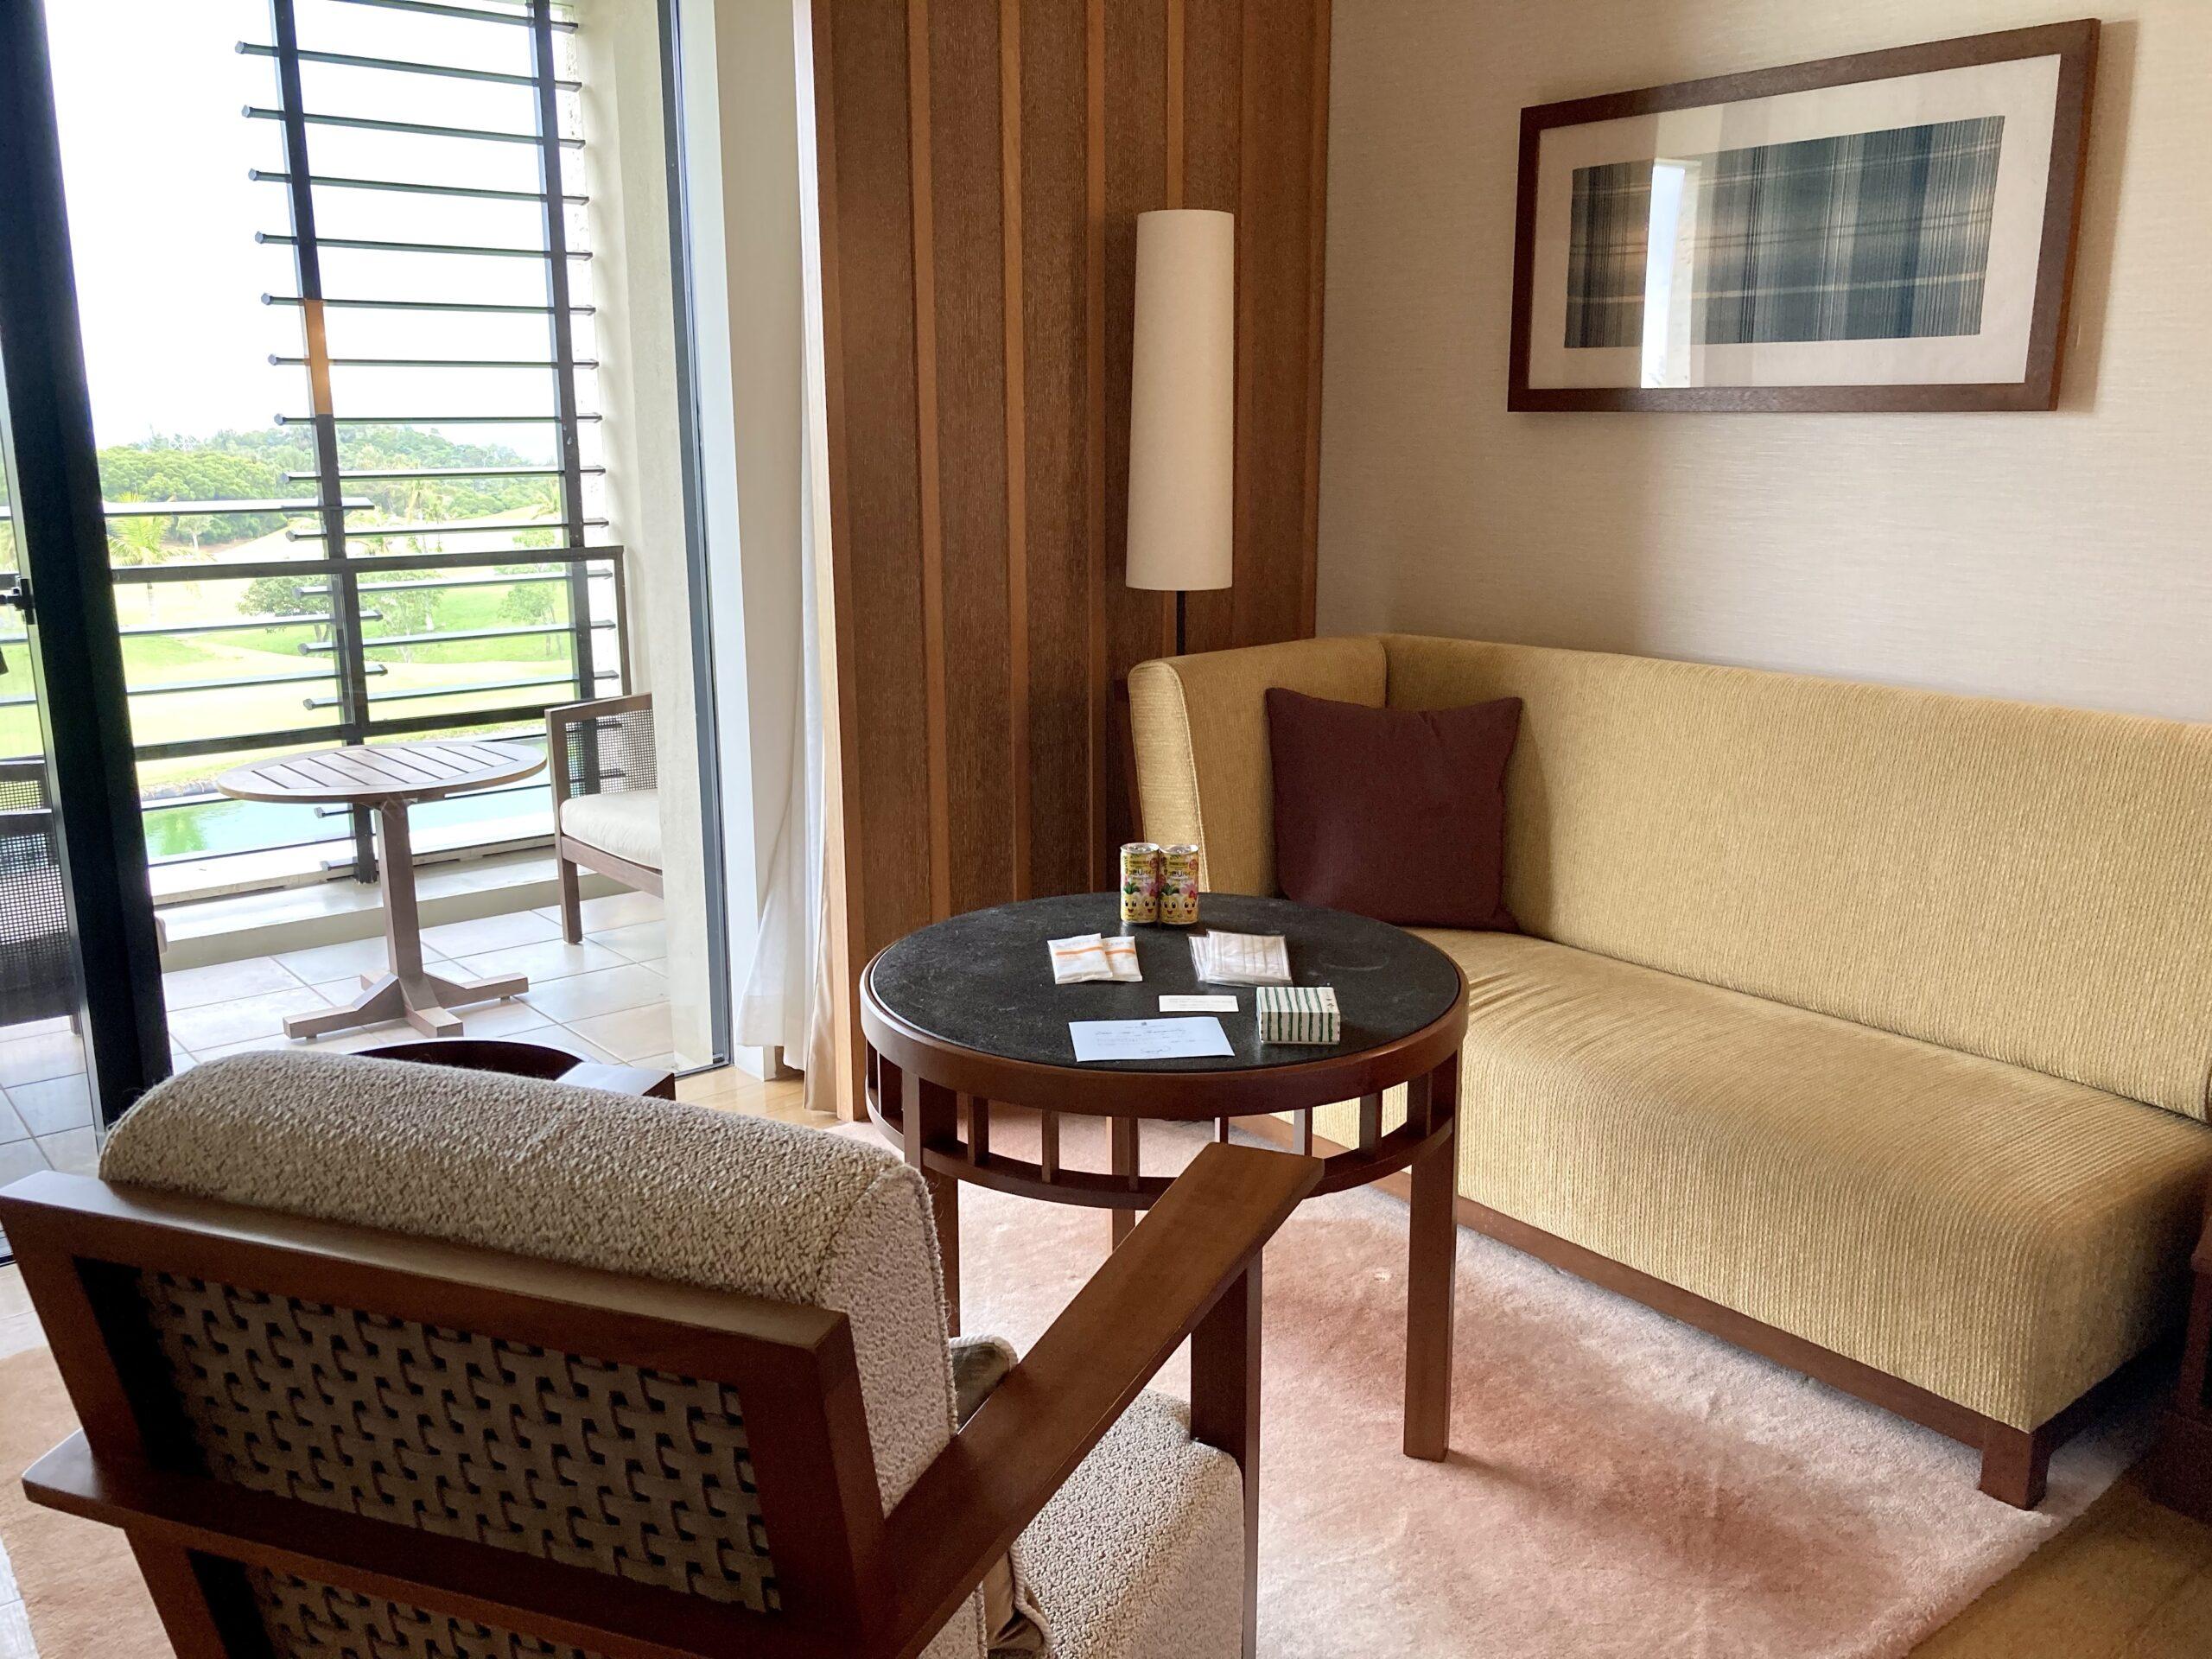 「ザリッツカールトン沖縄」リビングルームの写真